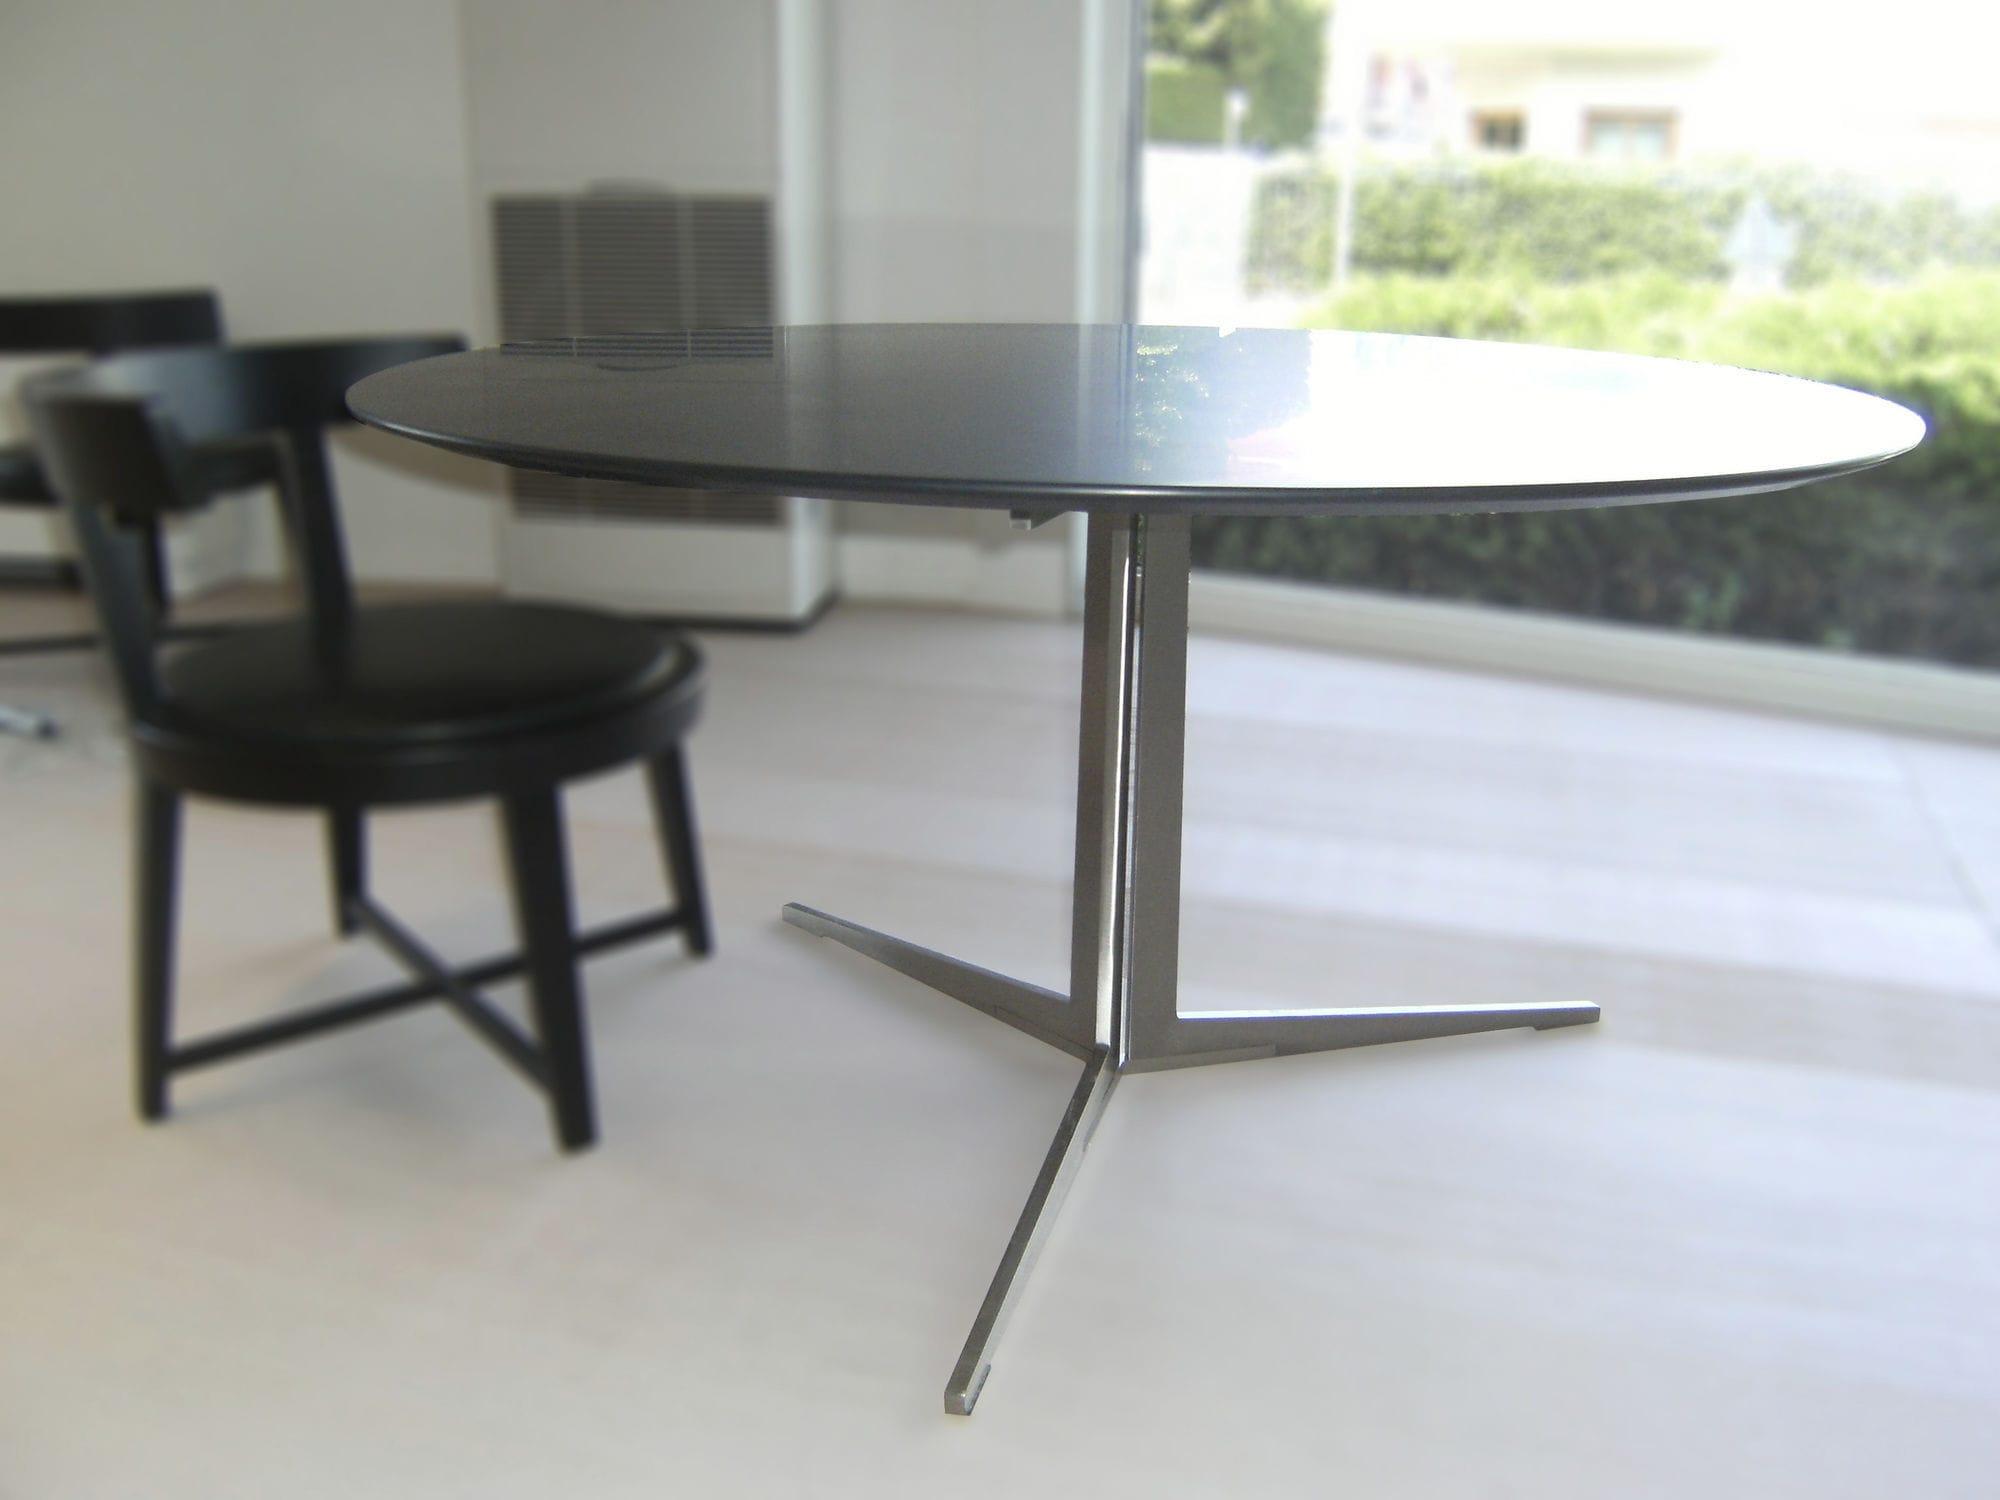 4196-8685986 Meilleur De De Table Haute Fly Conception